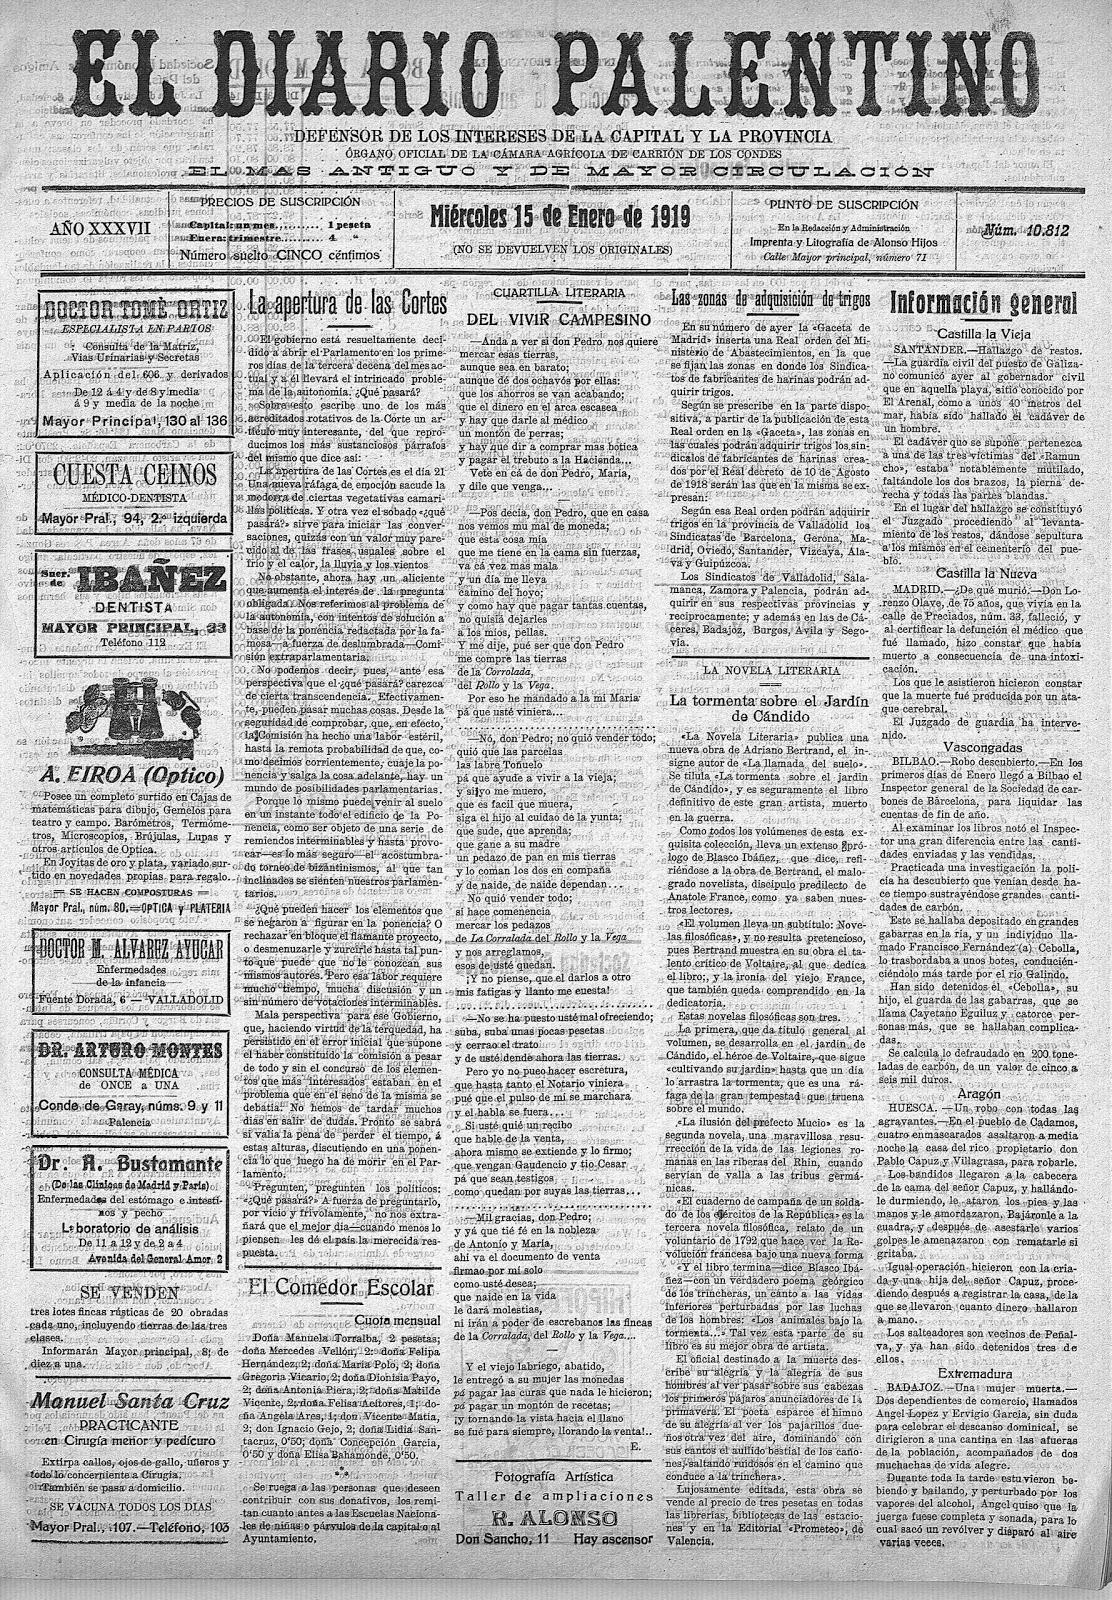 El Diario Palentino 1919